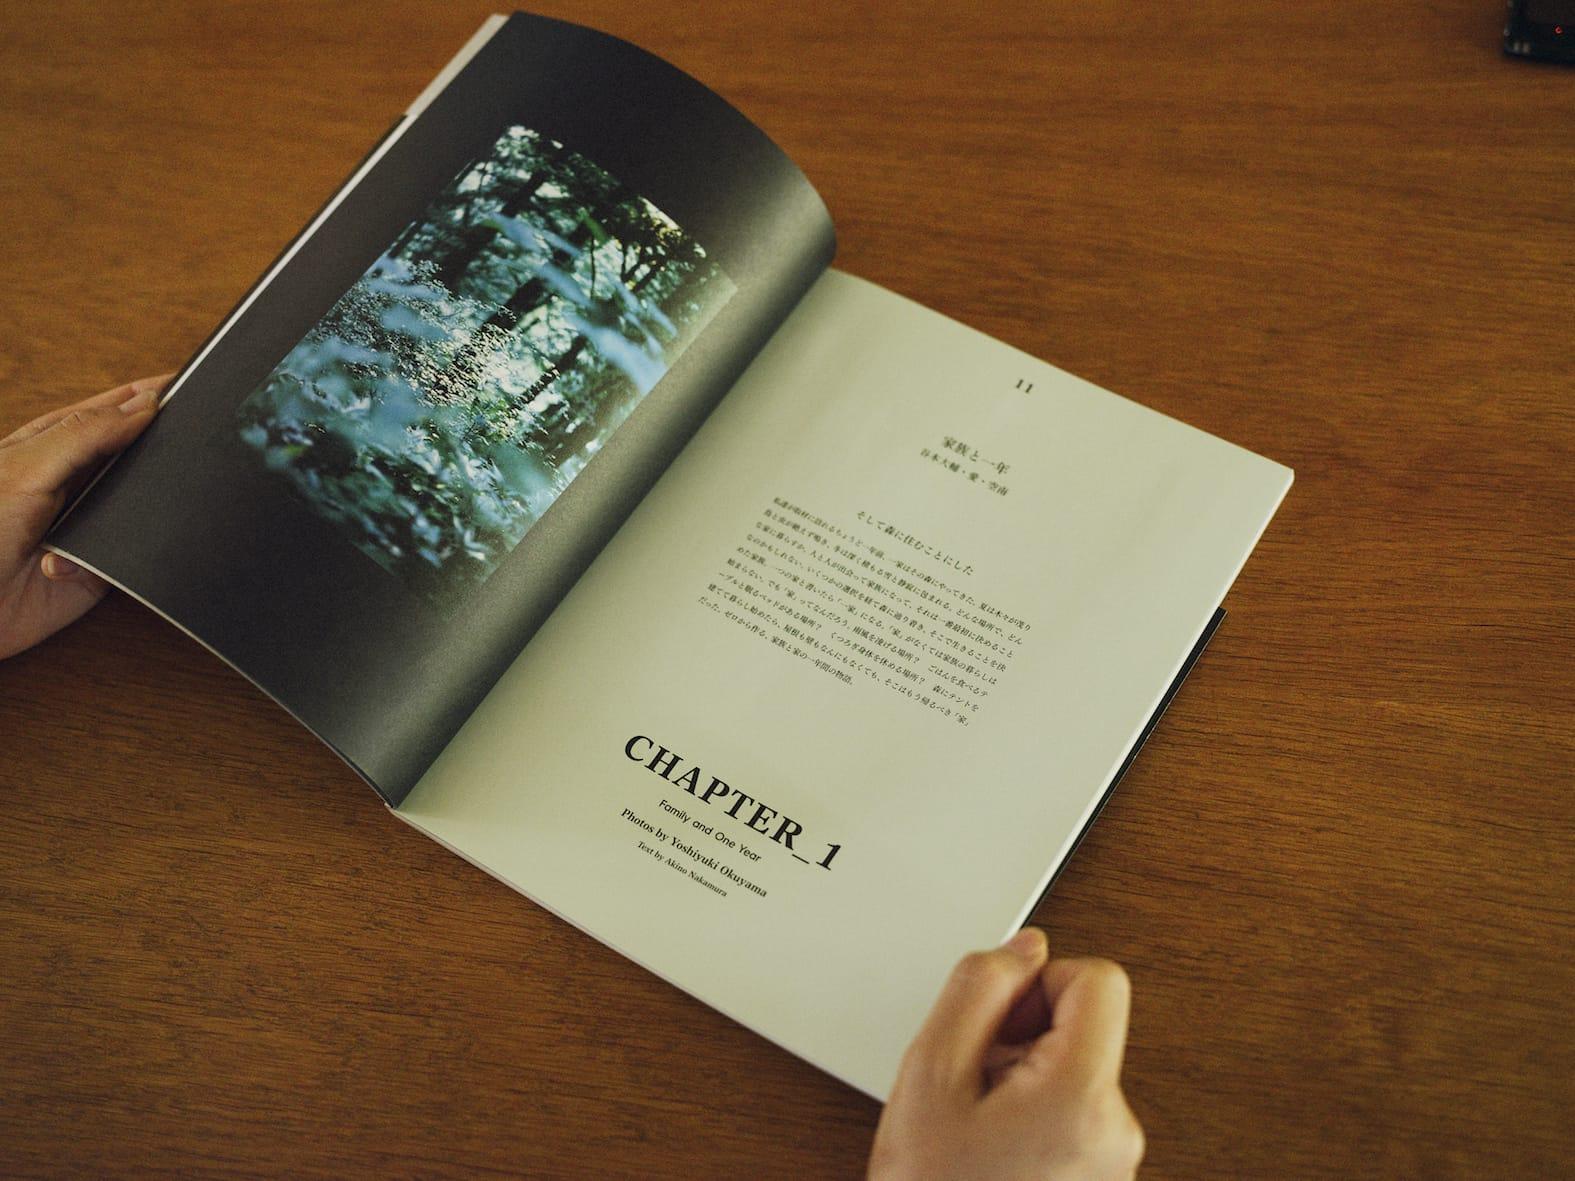 創刊号となる『家族と一年誌 家族』は、鳥取県・大山に住む谷本大輔さん、愛さん、空南(あなん)くんの3人家族を追った。